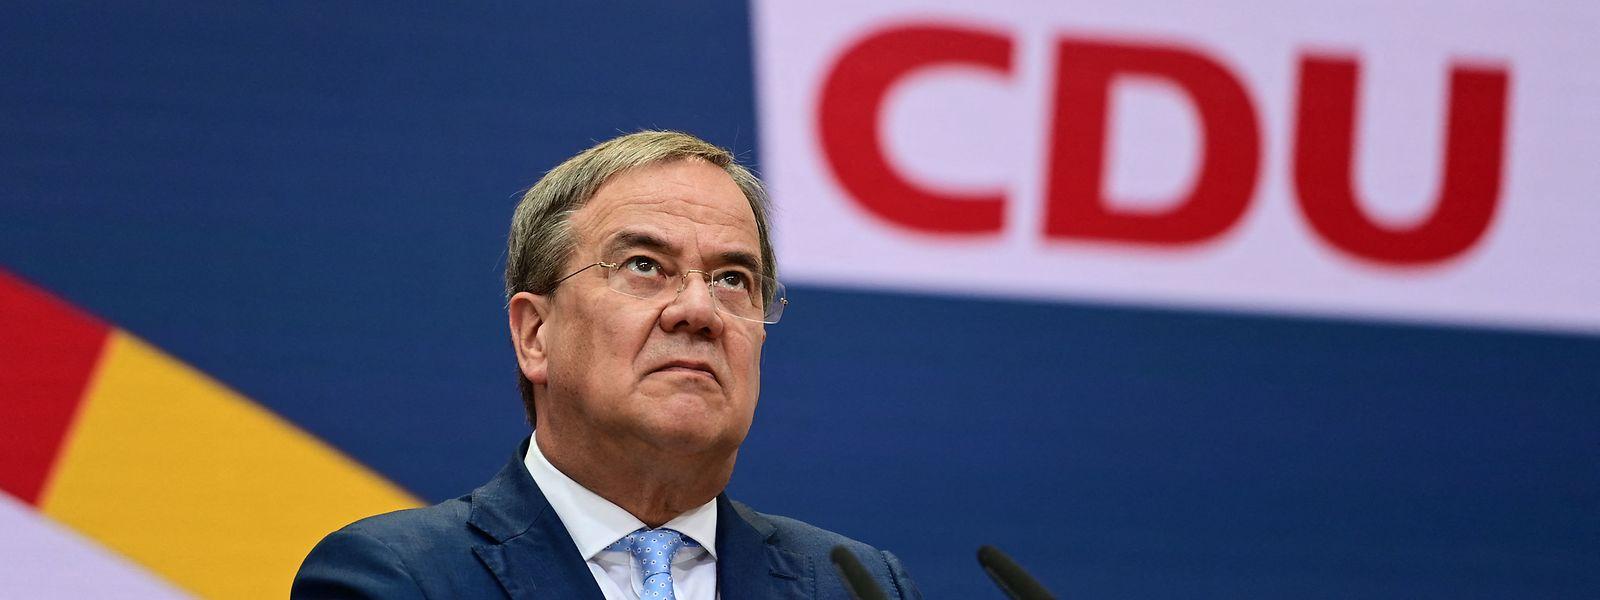 Armin Laschet muss nach dem miserablen Abschneiden darauf hoffen, dass Platz zwei doch noch fürs Kanzleramt reicht.